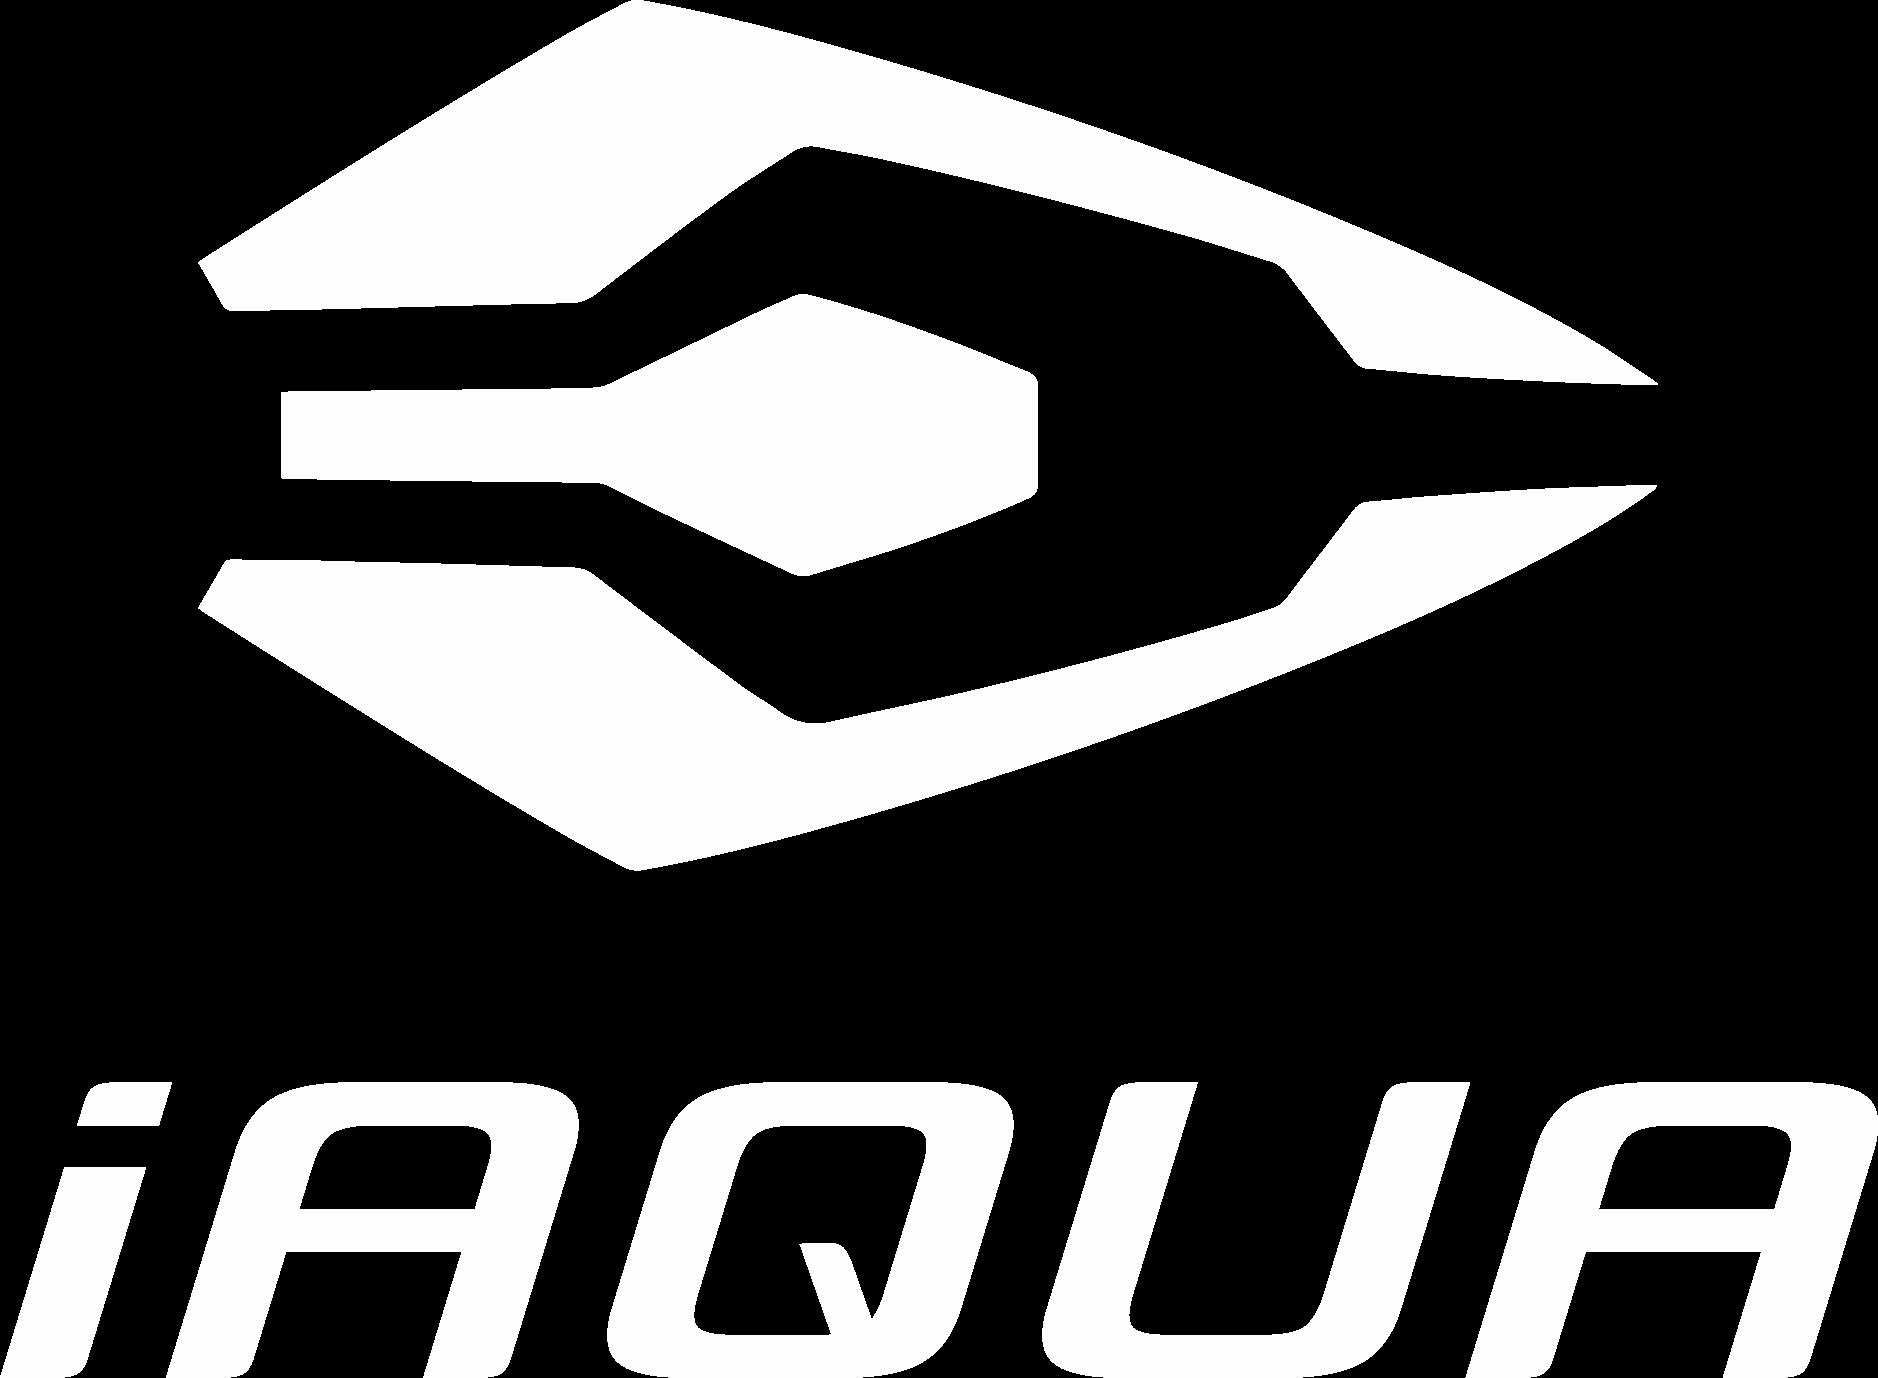 Electrify Expo iAQUA Exhibitor logo